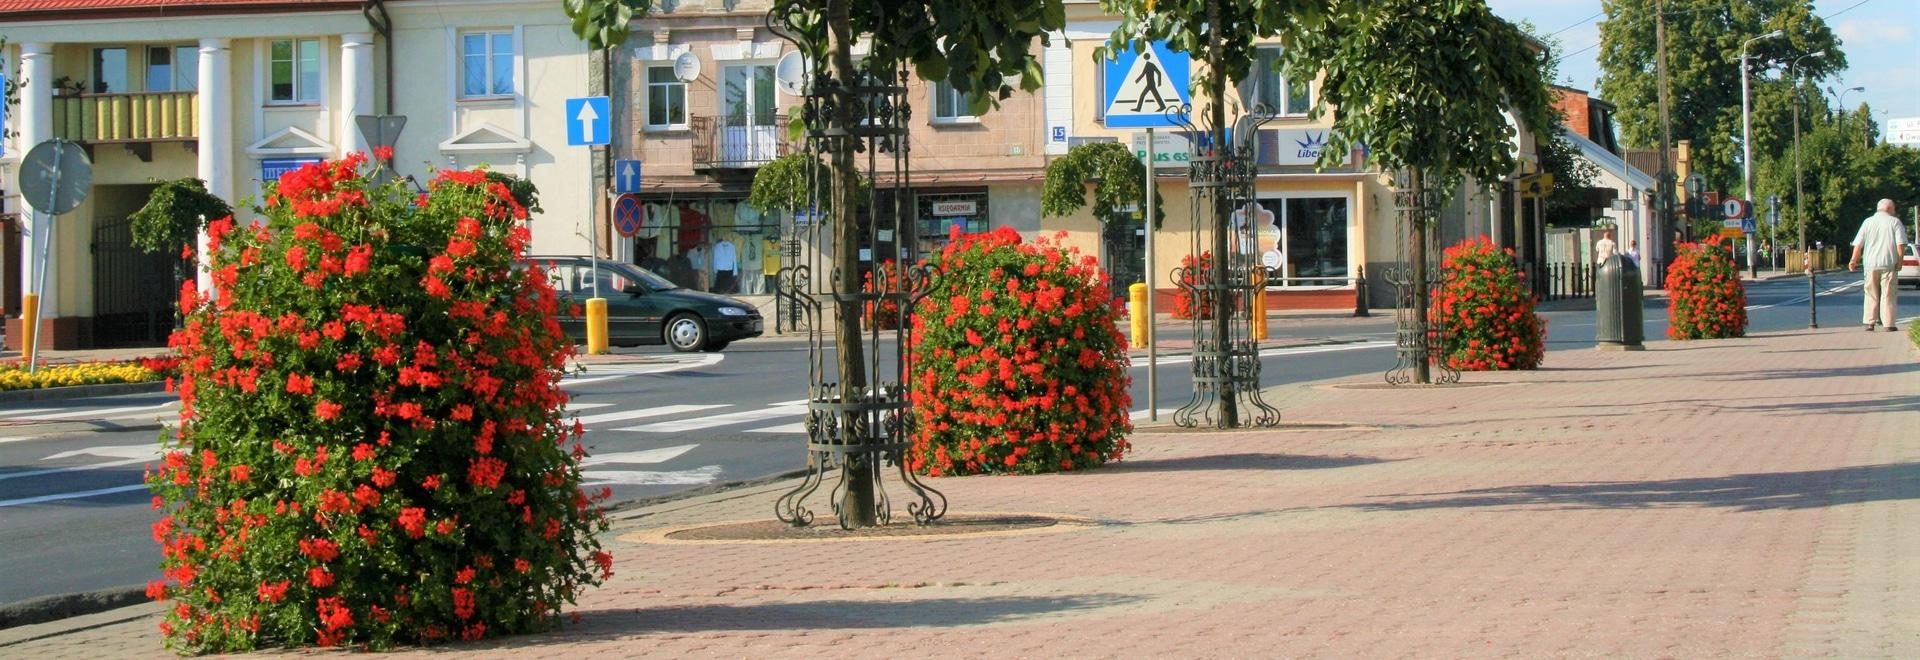 Gostynin, Poland